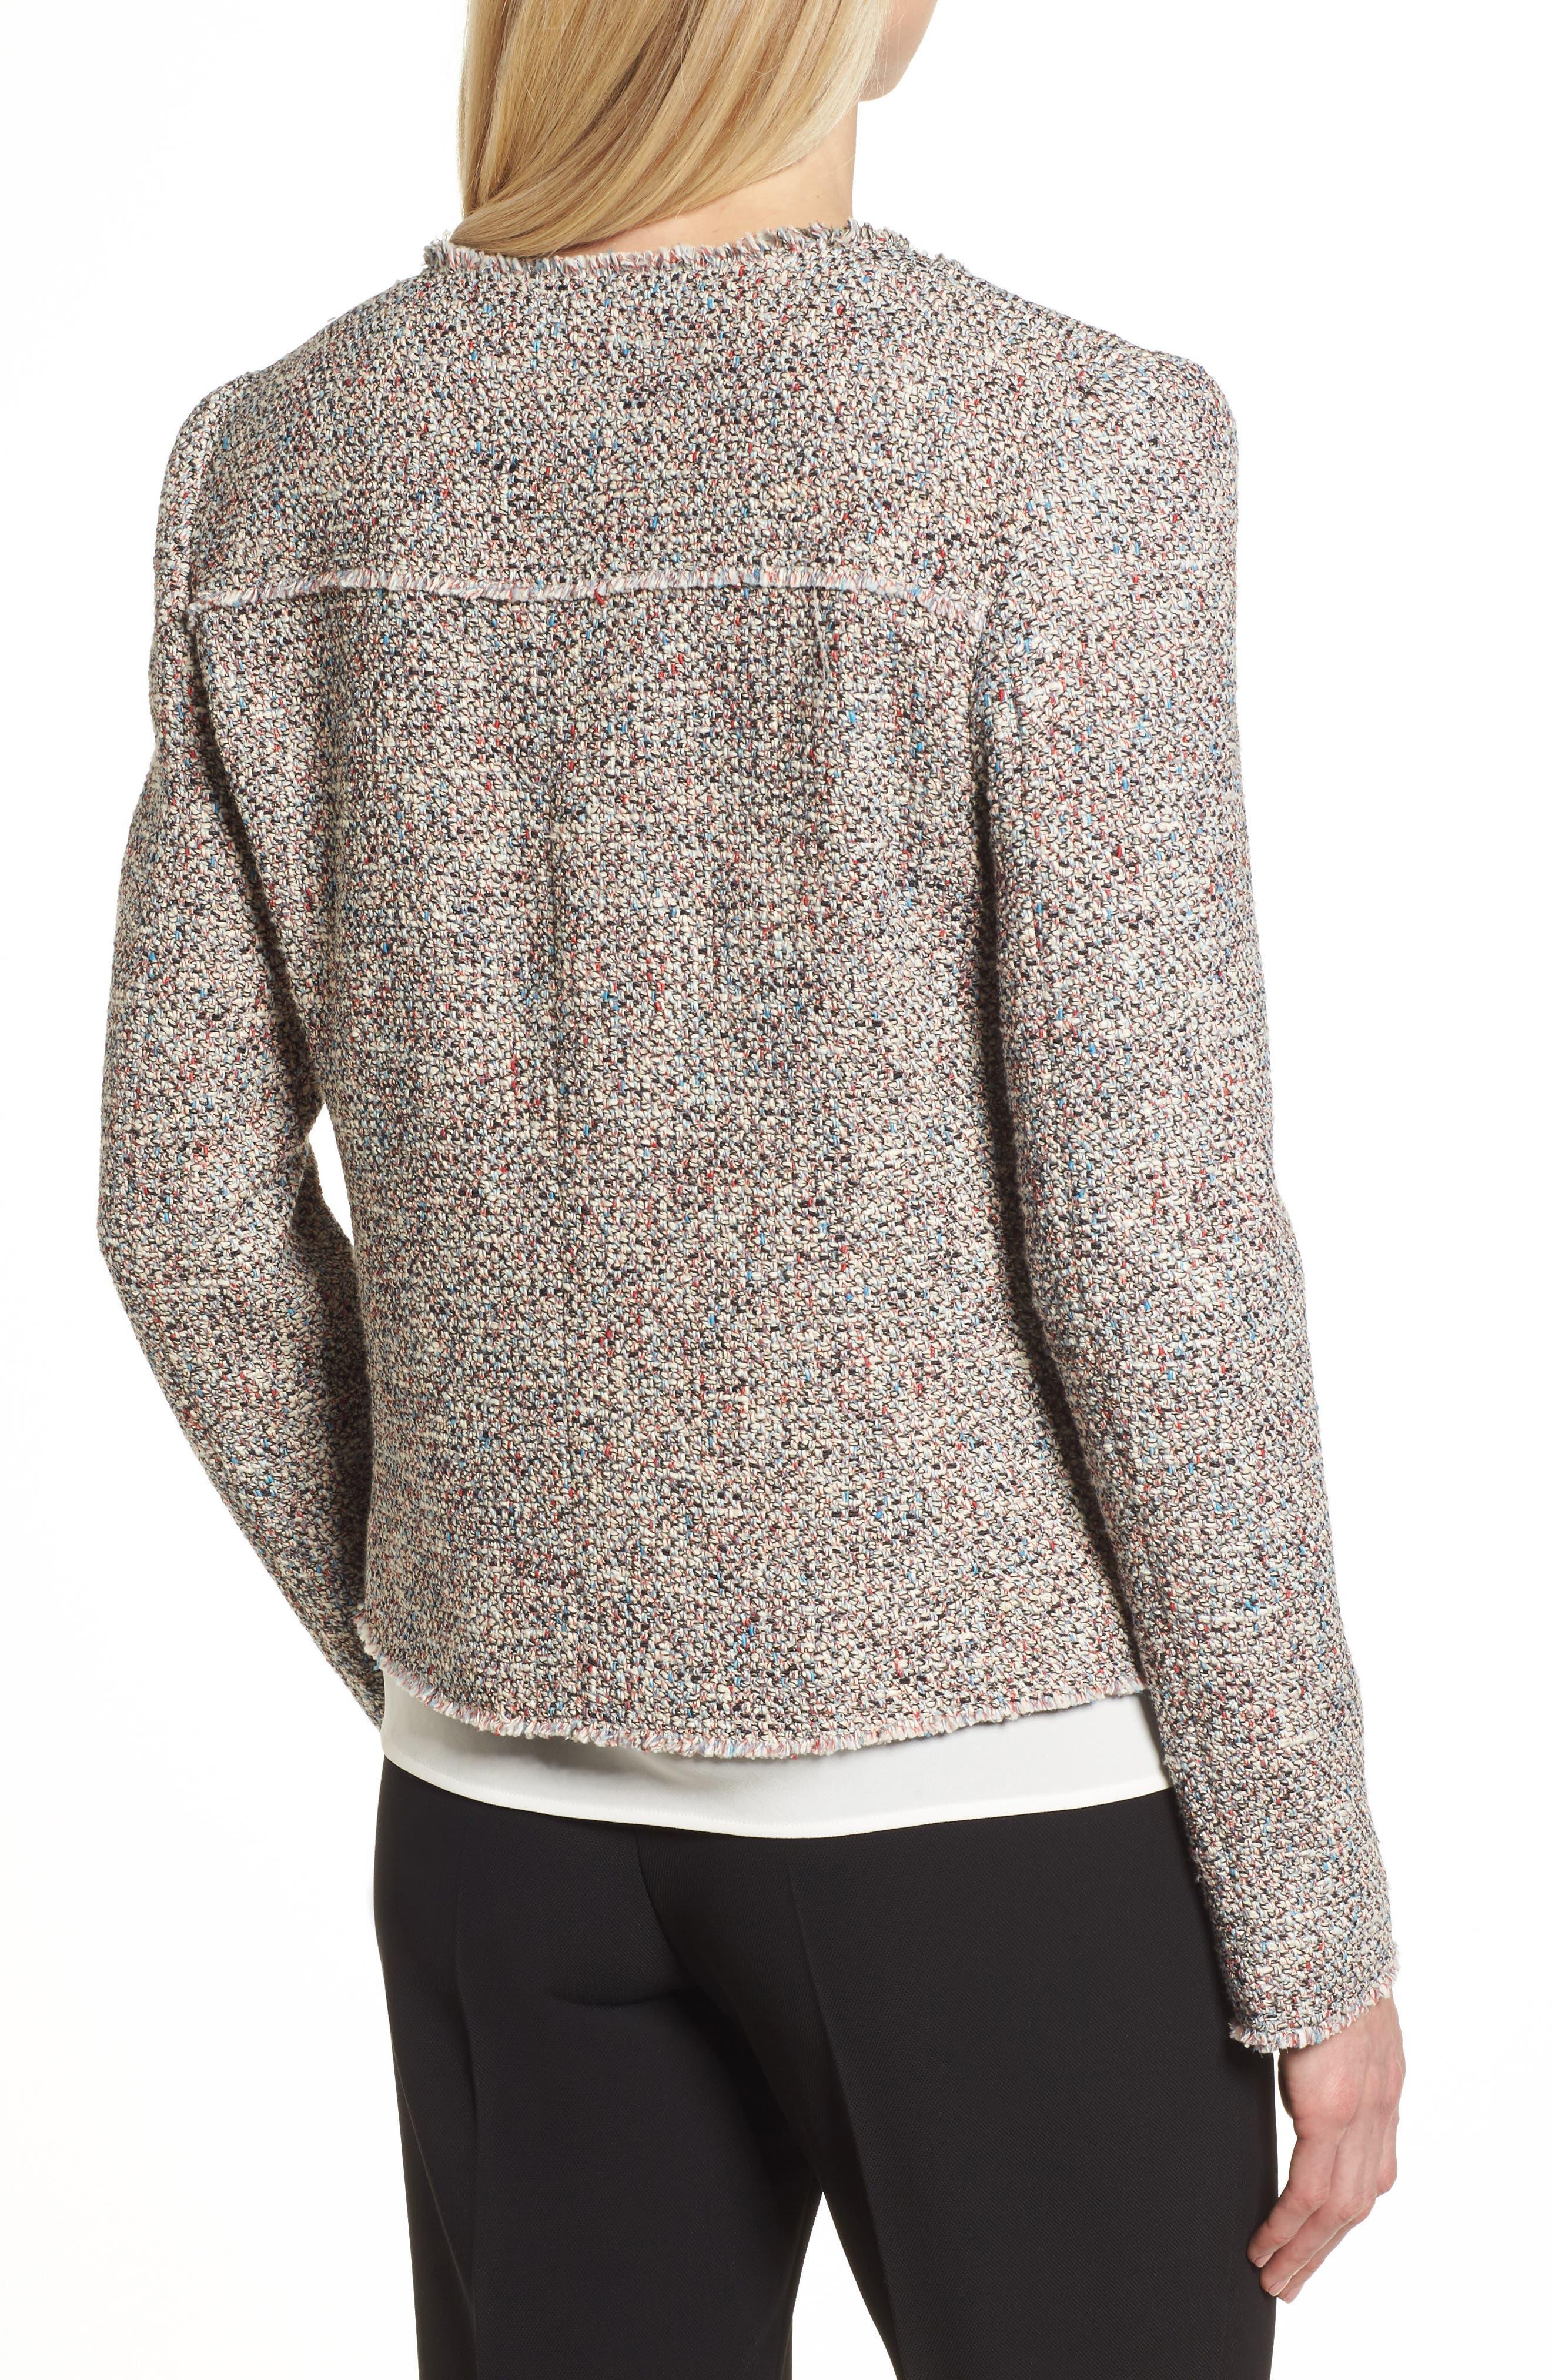 Koralie Tweed Jacket,                             Alternate thumbnail 2, color,                             462